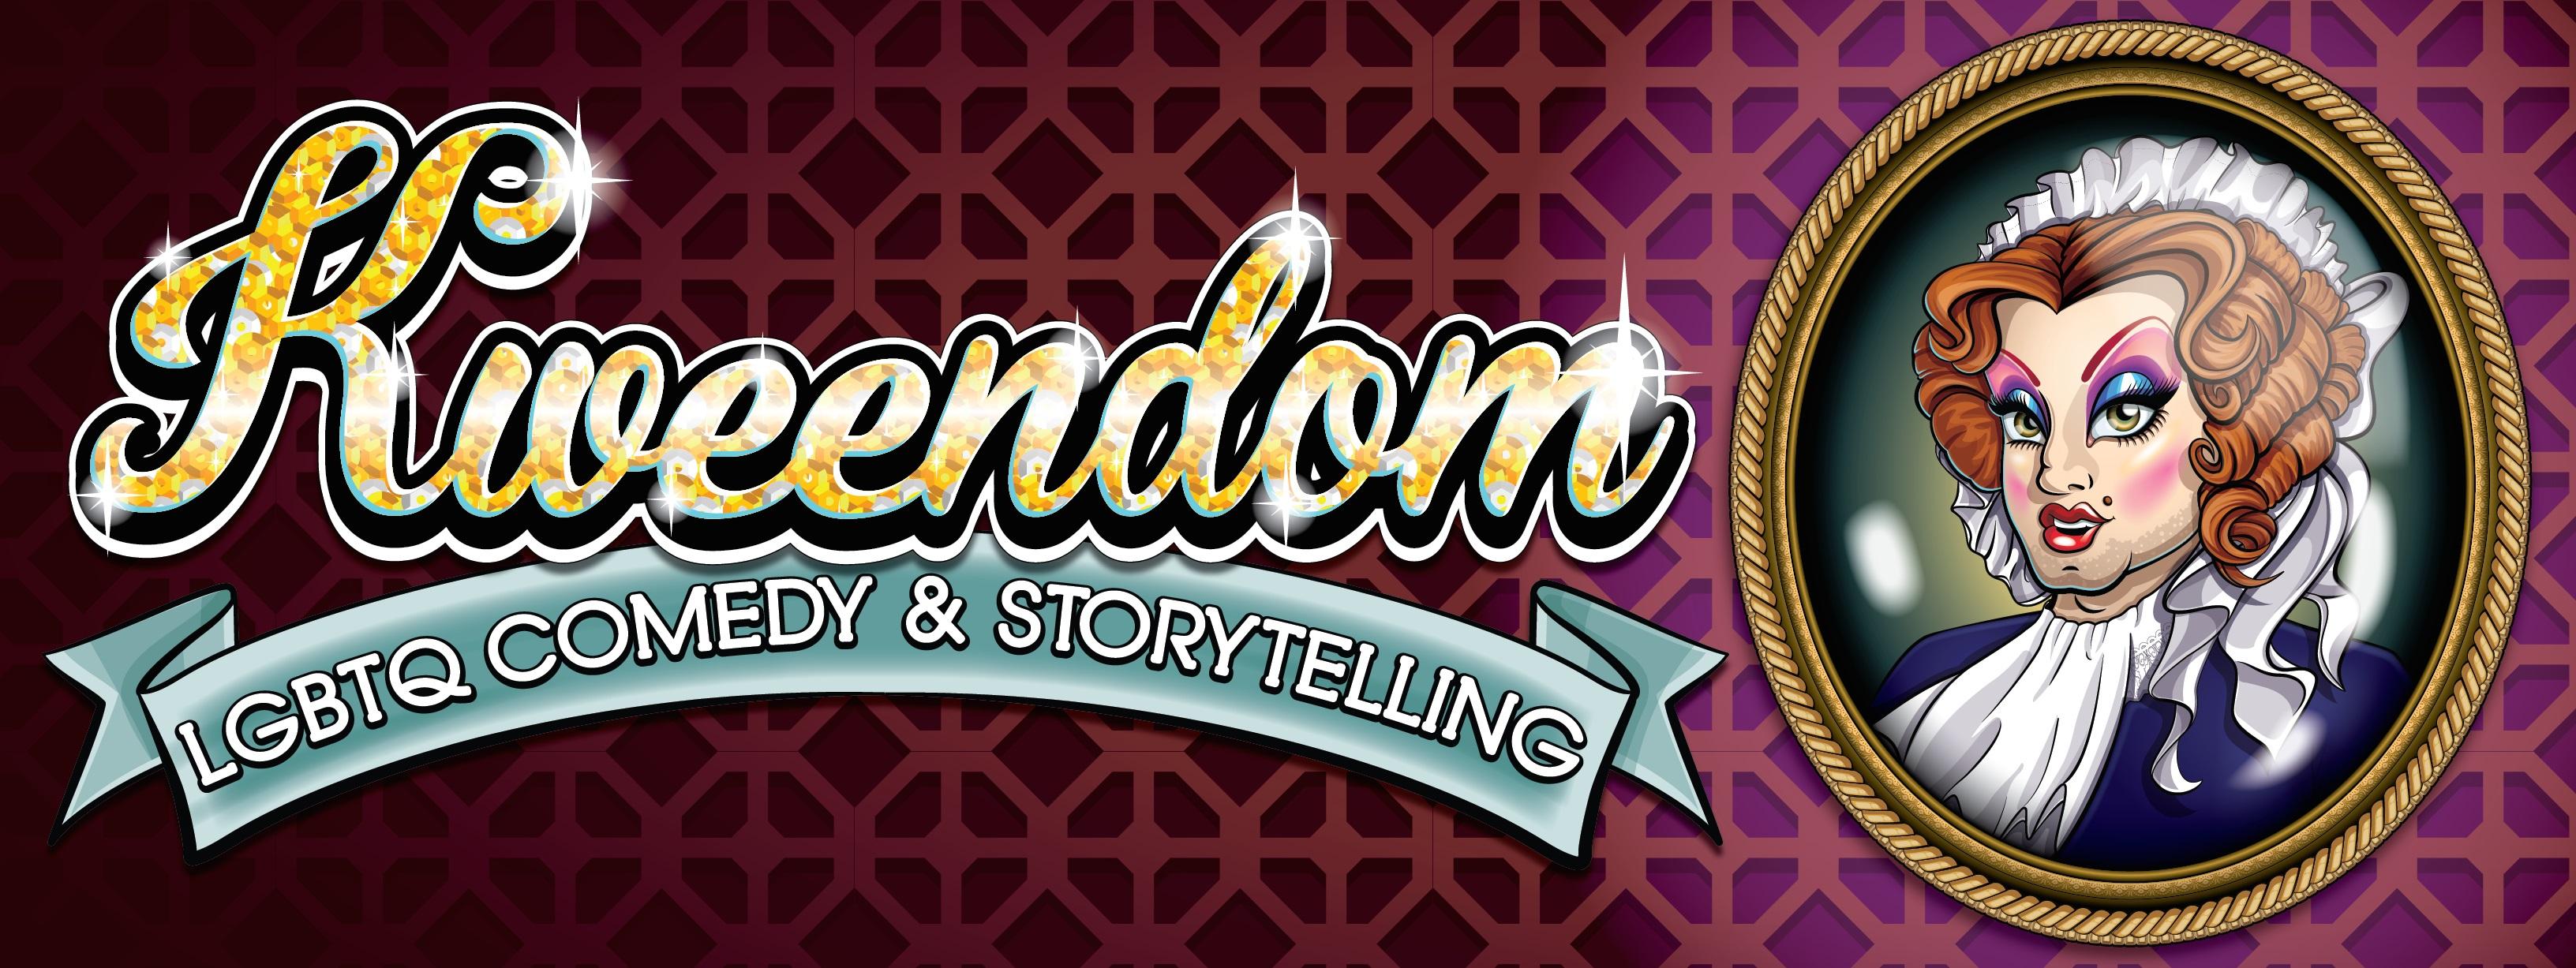 Kweendom_Web Banner (By Alexis Yavne) (1)